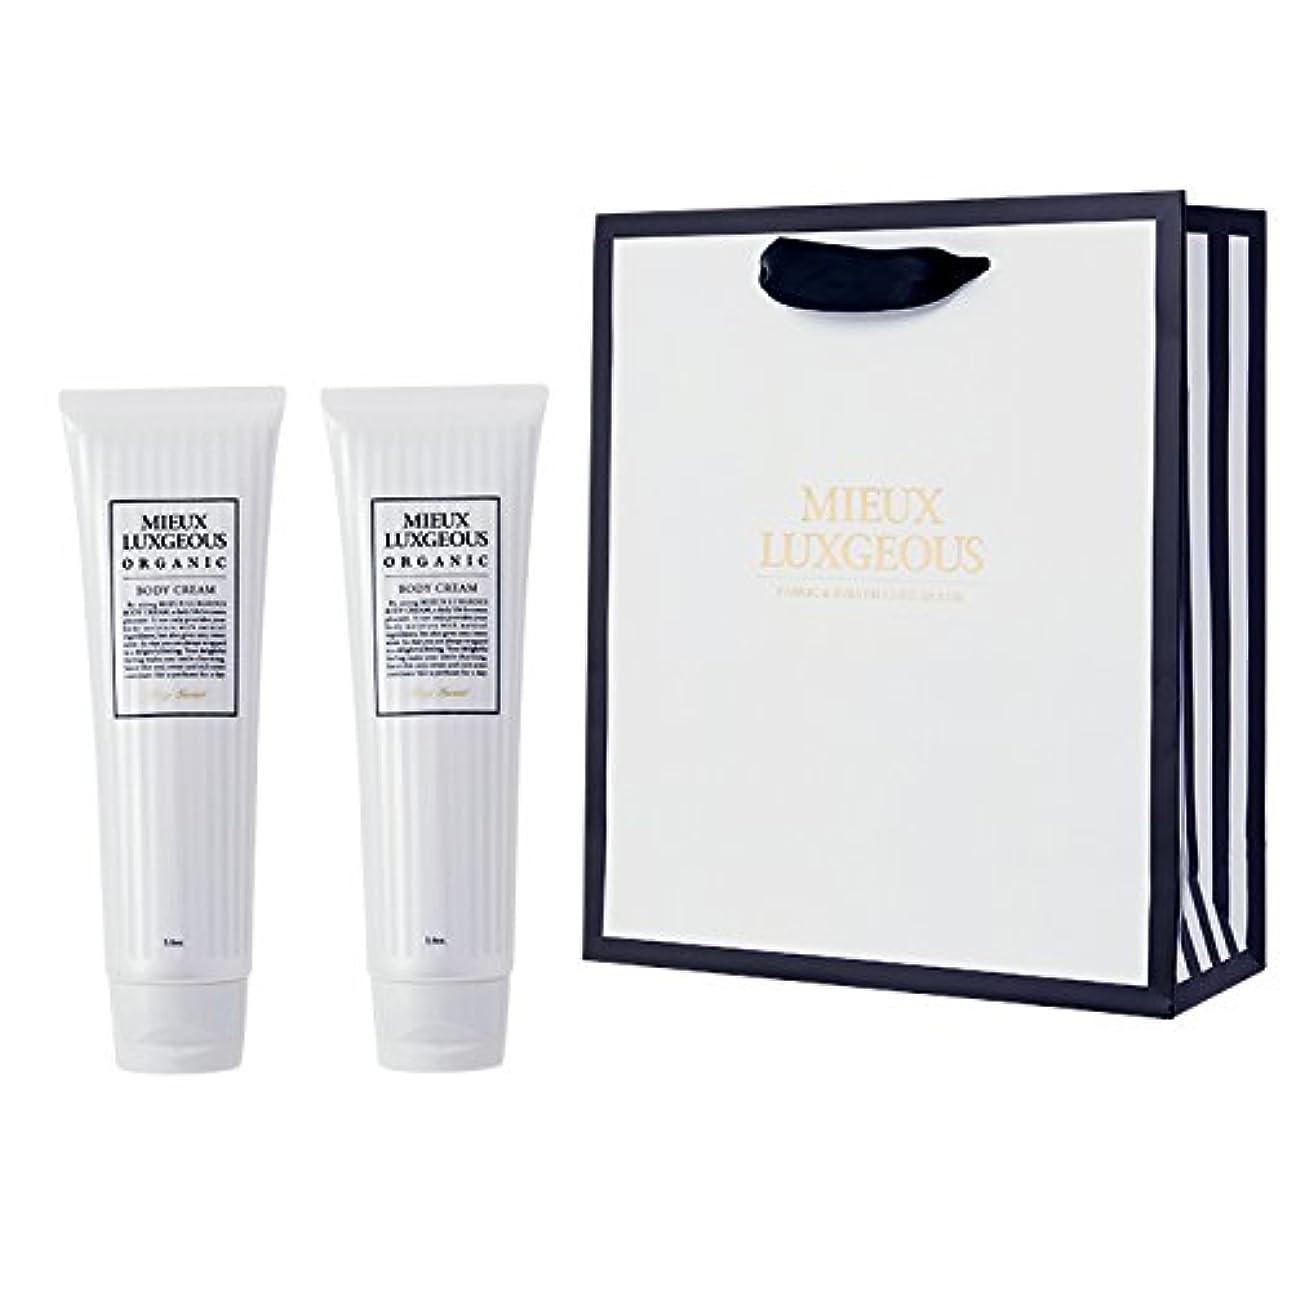 大使館安心の間でミューラグジャス Body Cream 2本set with Paperbag02